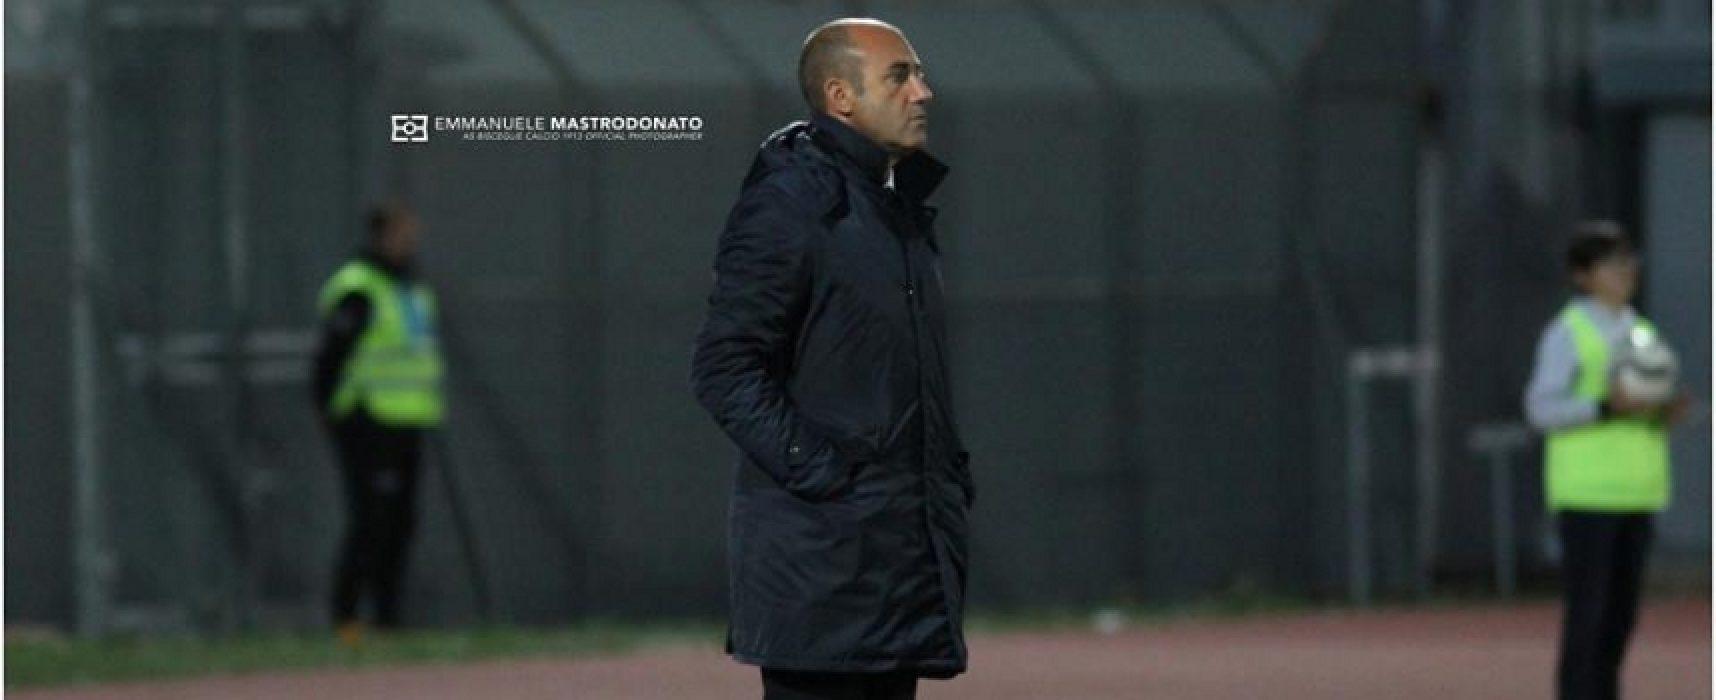 """Zavettieri nel post derby: """"Soddisfatto del gioco espresso, meritavamo la vittoria"""""""